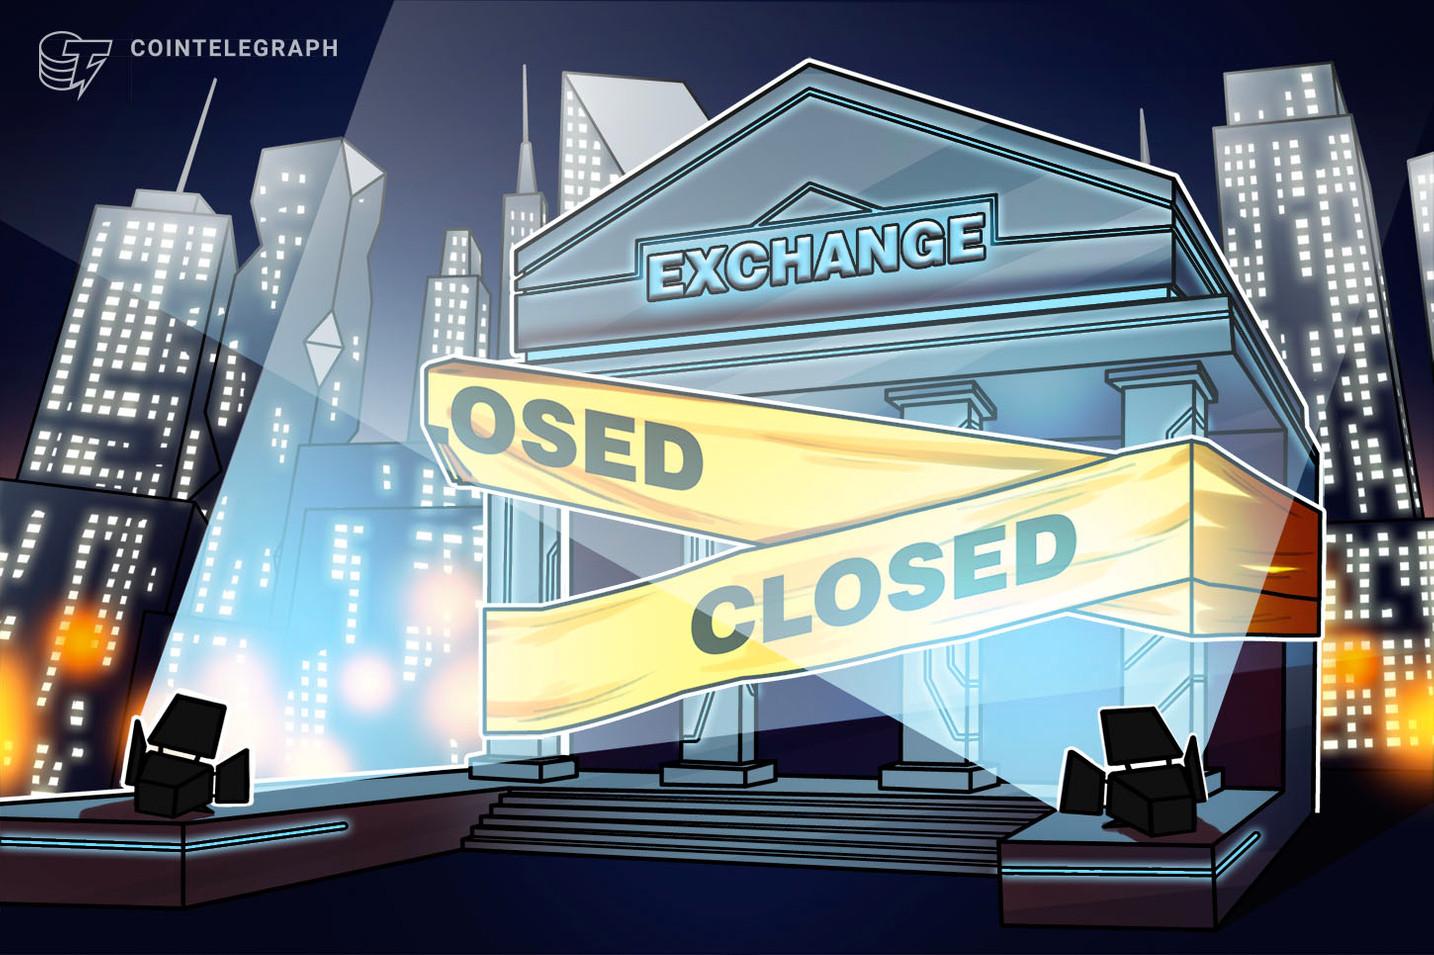 Un exchange de tokens de valores impulsado por Nasdaq cierra para buscar una fusión